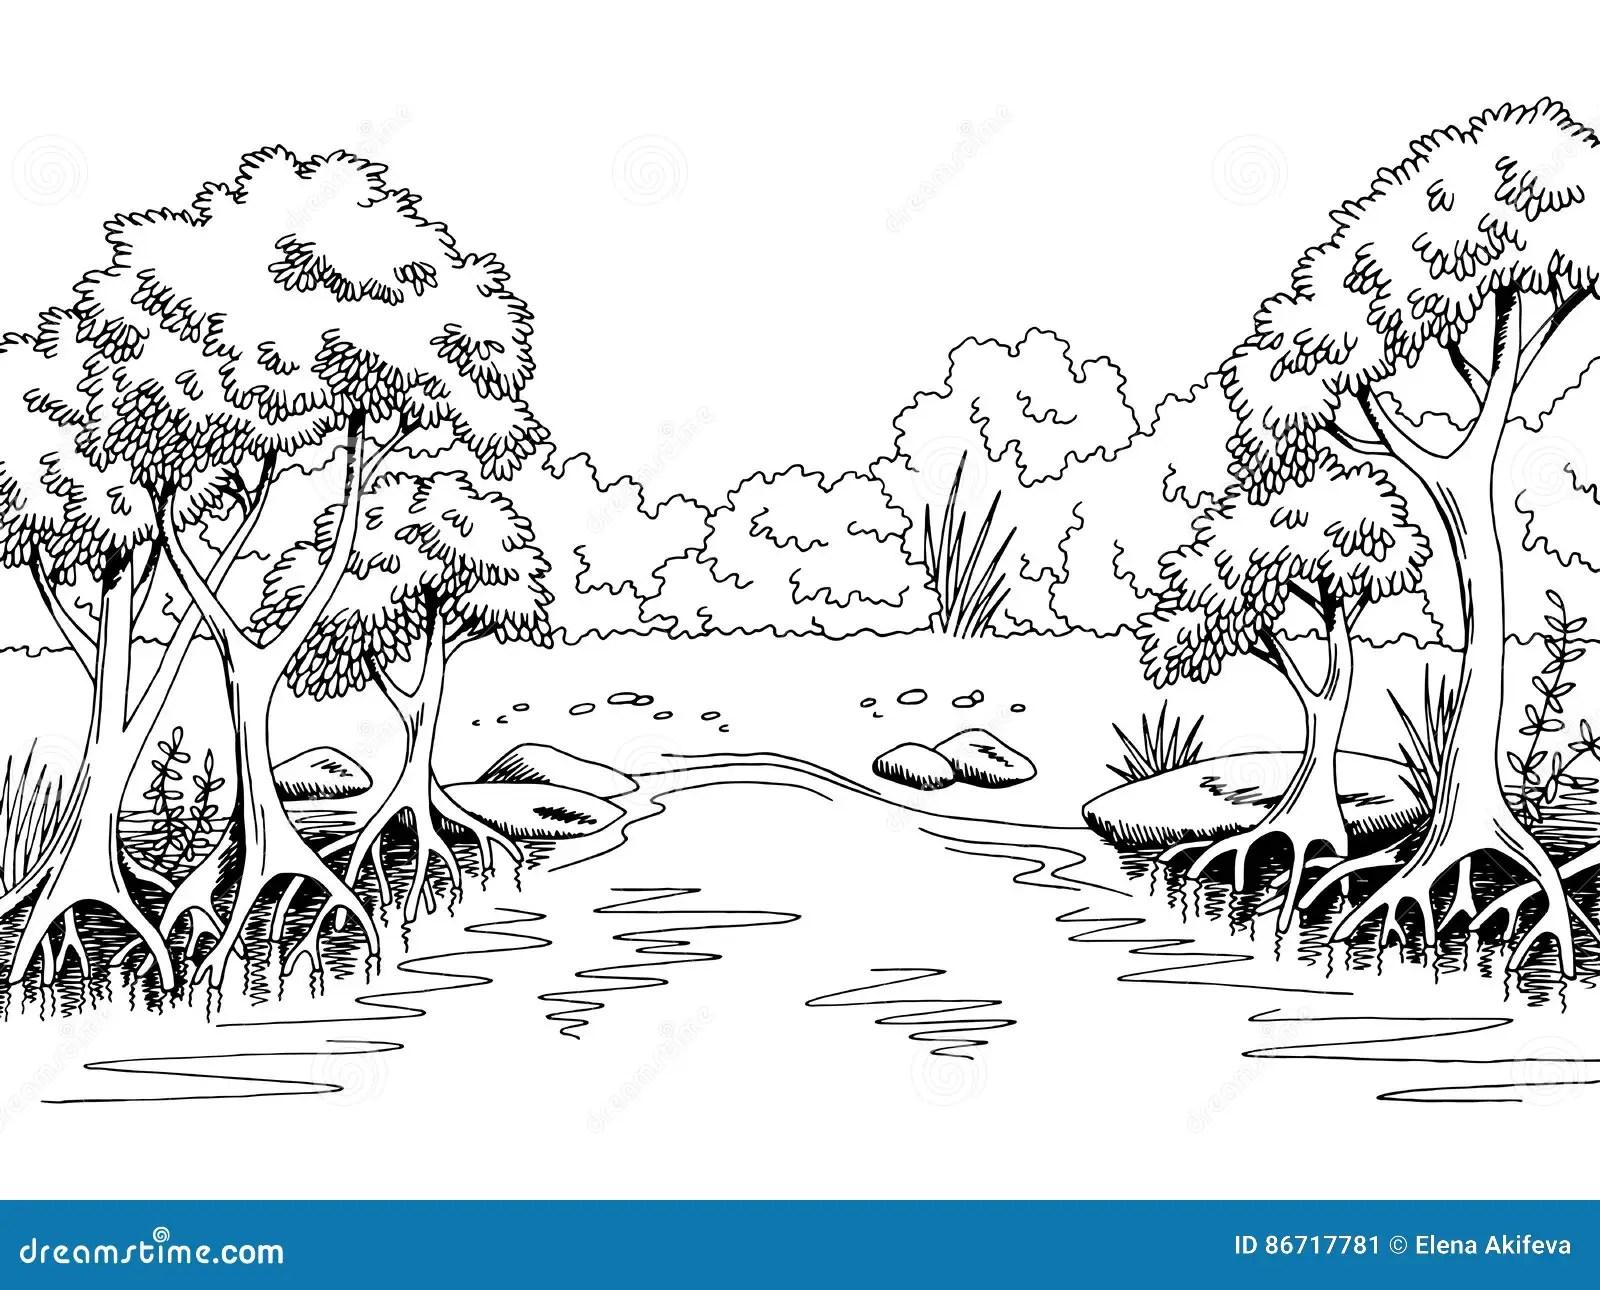 Illustrazione Bianca Nera Grafica Di Schizzo Del Paesaggio Del Fiume Della Foresta Della Giungla